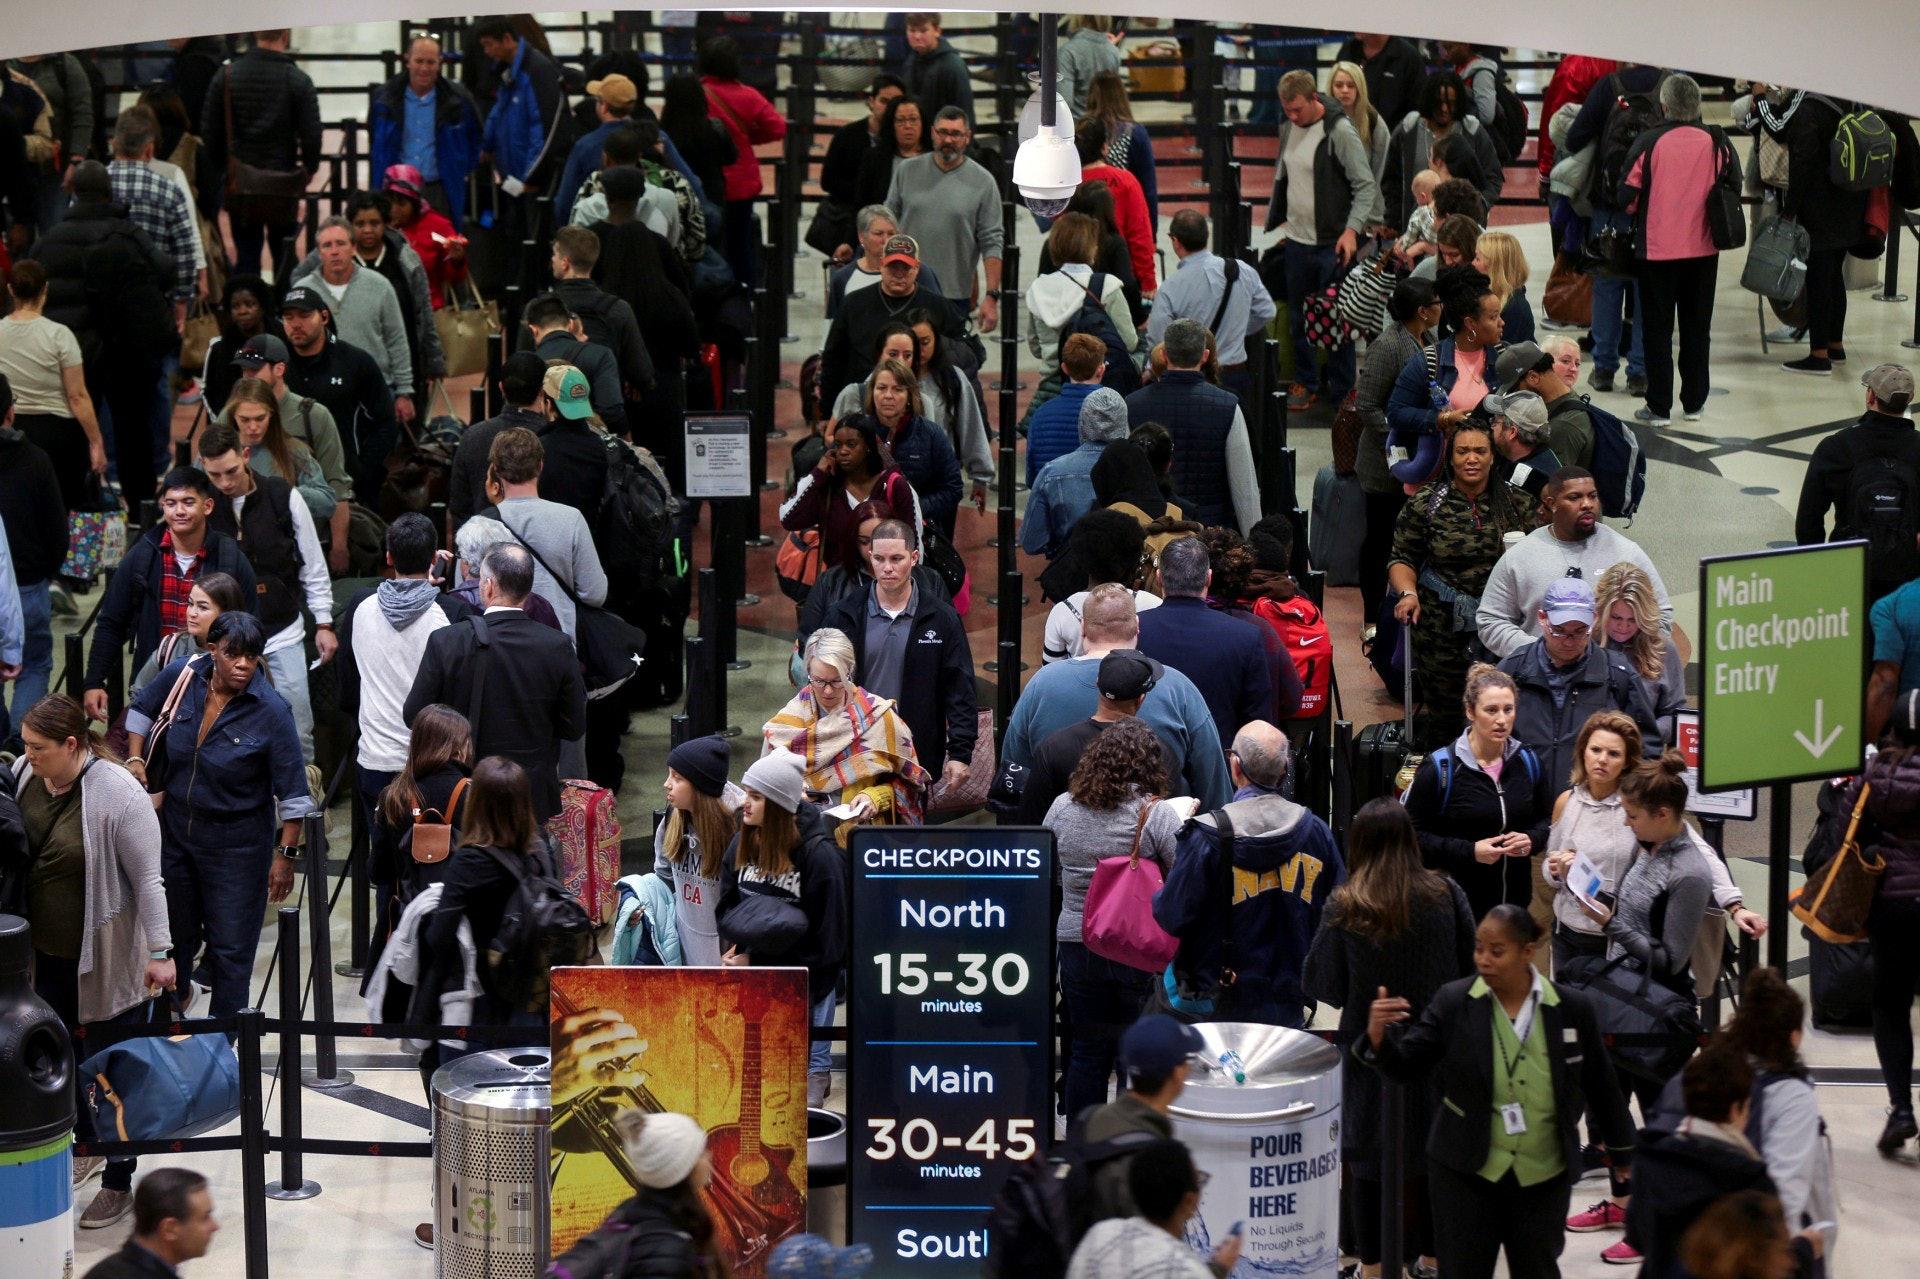 年初美國政府停擺期間,全球最繁忙的哈茨菲爾德傑克遜亞特蘭大國際機場(Hartsfield-Jackson Atlanta International Airport),部分旅客需要等待超過一小時方可完成安檢程序。(路透社)